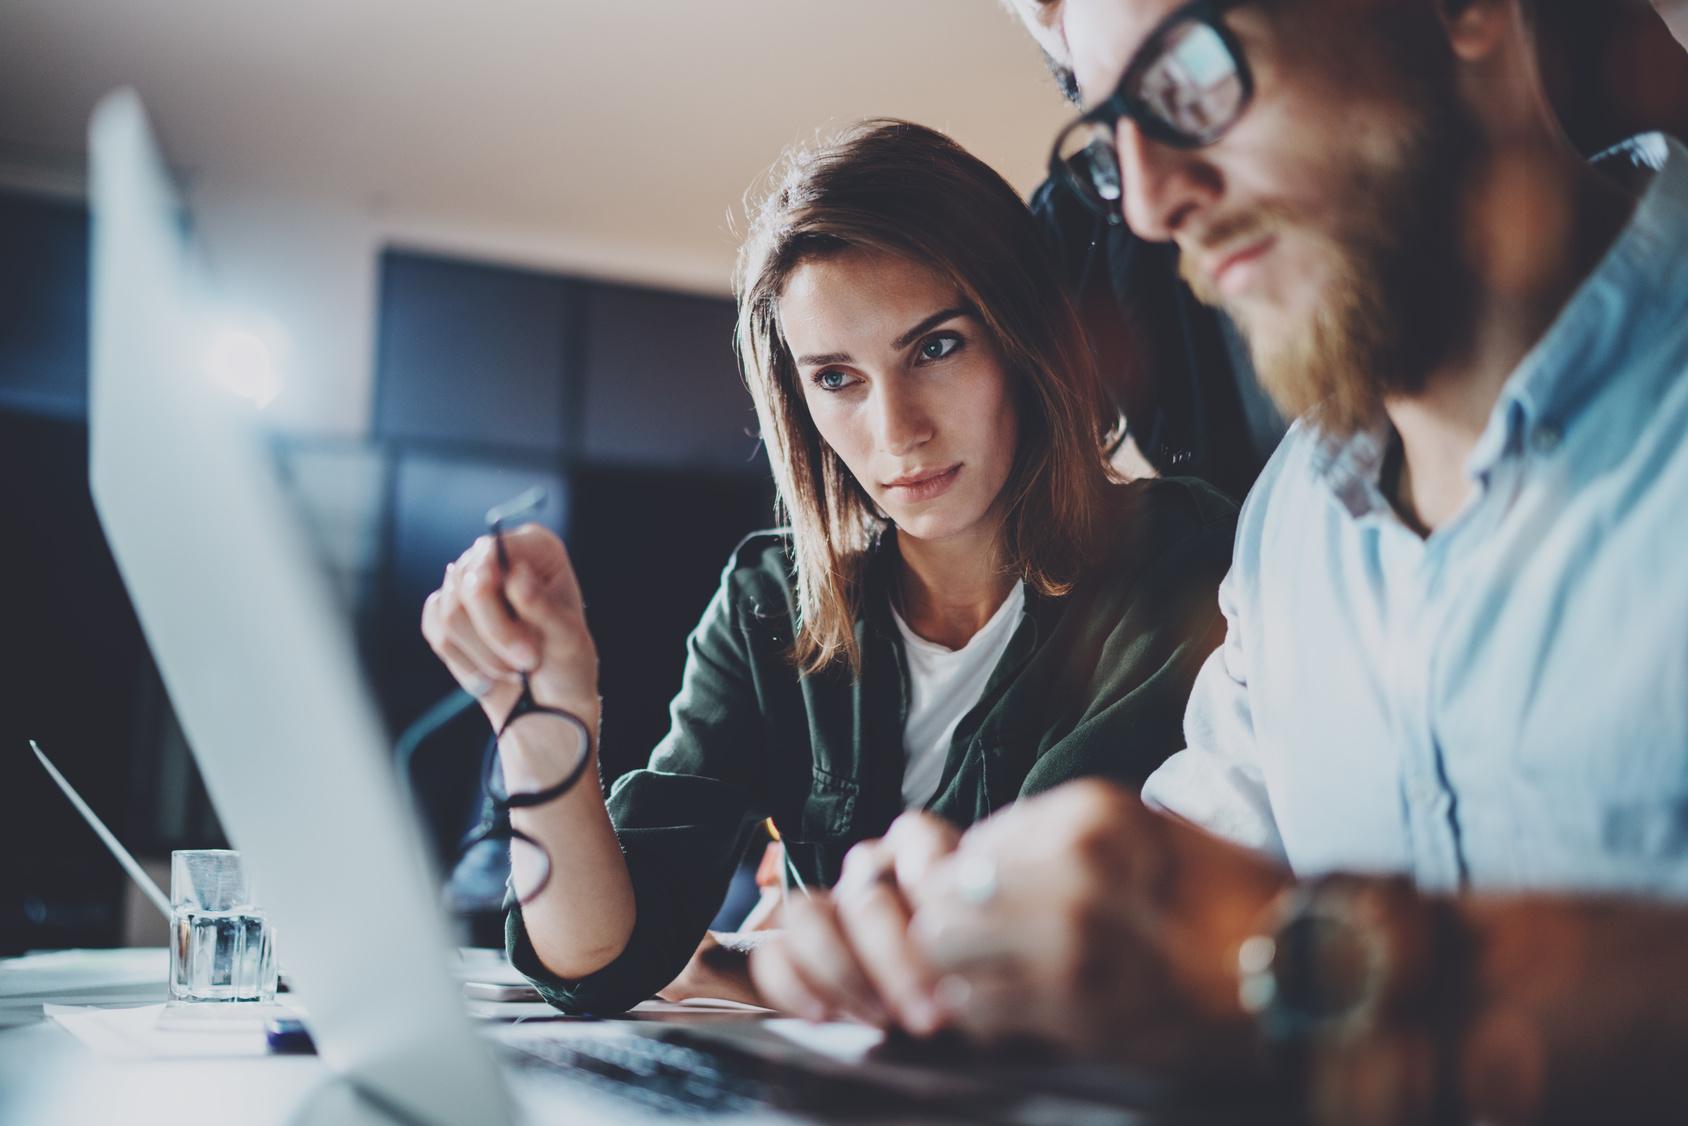 Bild zeigt Mitarbeiter, die trotz Fachkräftemangel in Chemie- und Pharmabranche dei Digitalisierung im Unternehmen vorantreiben